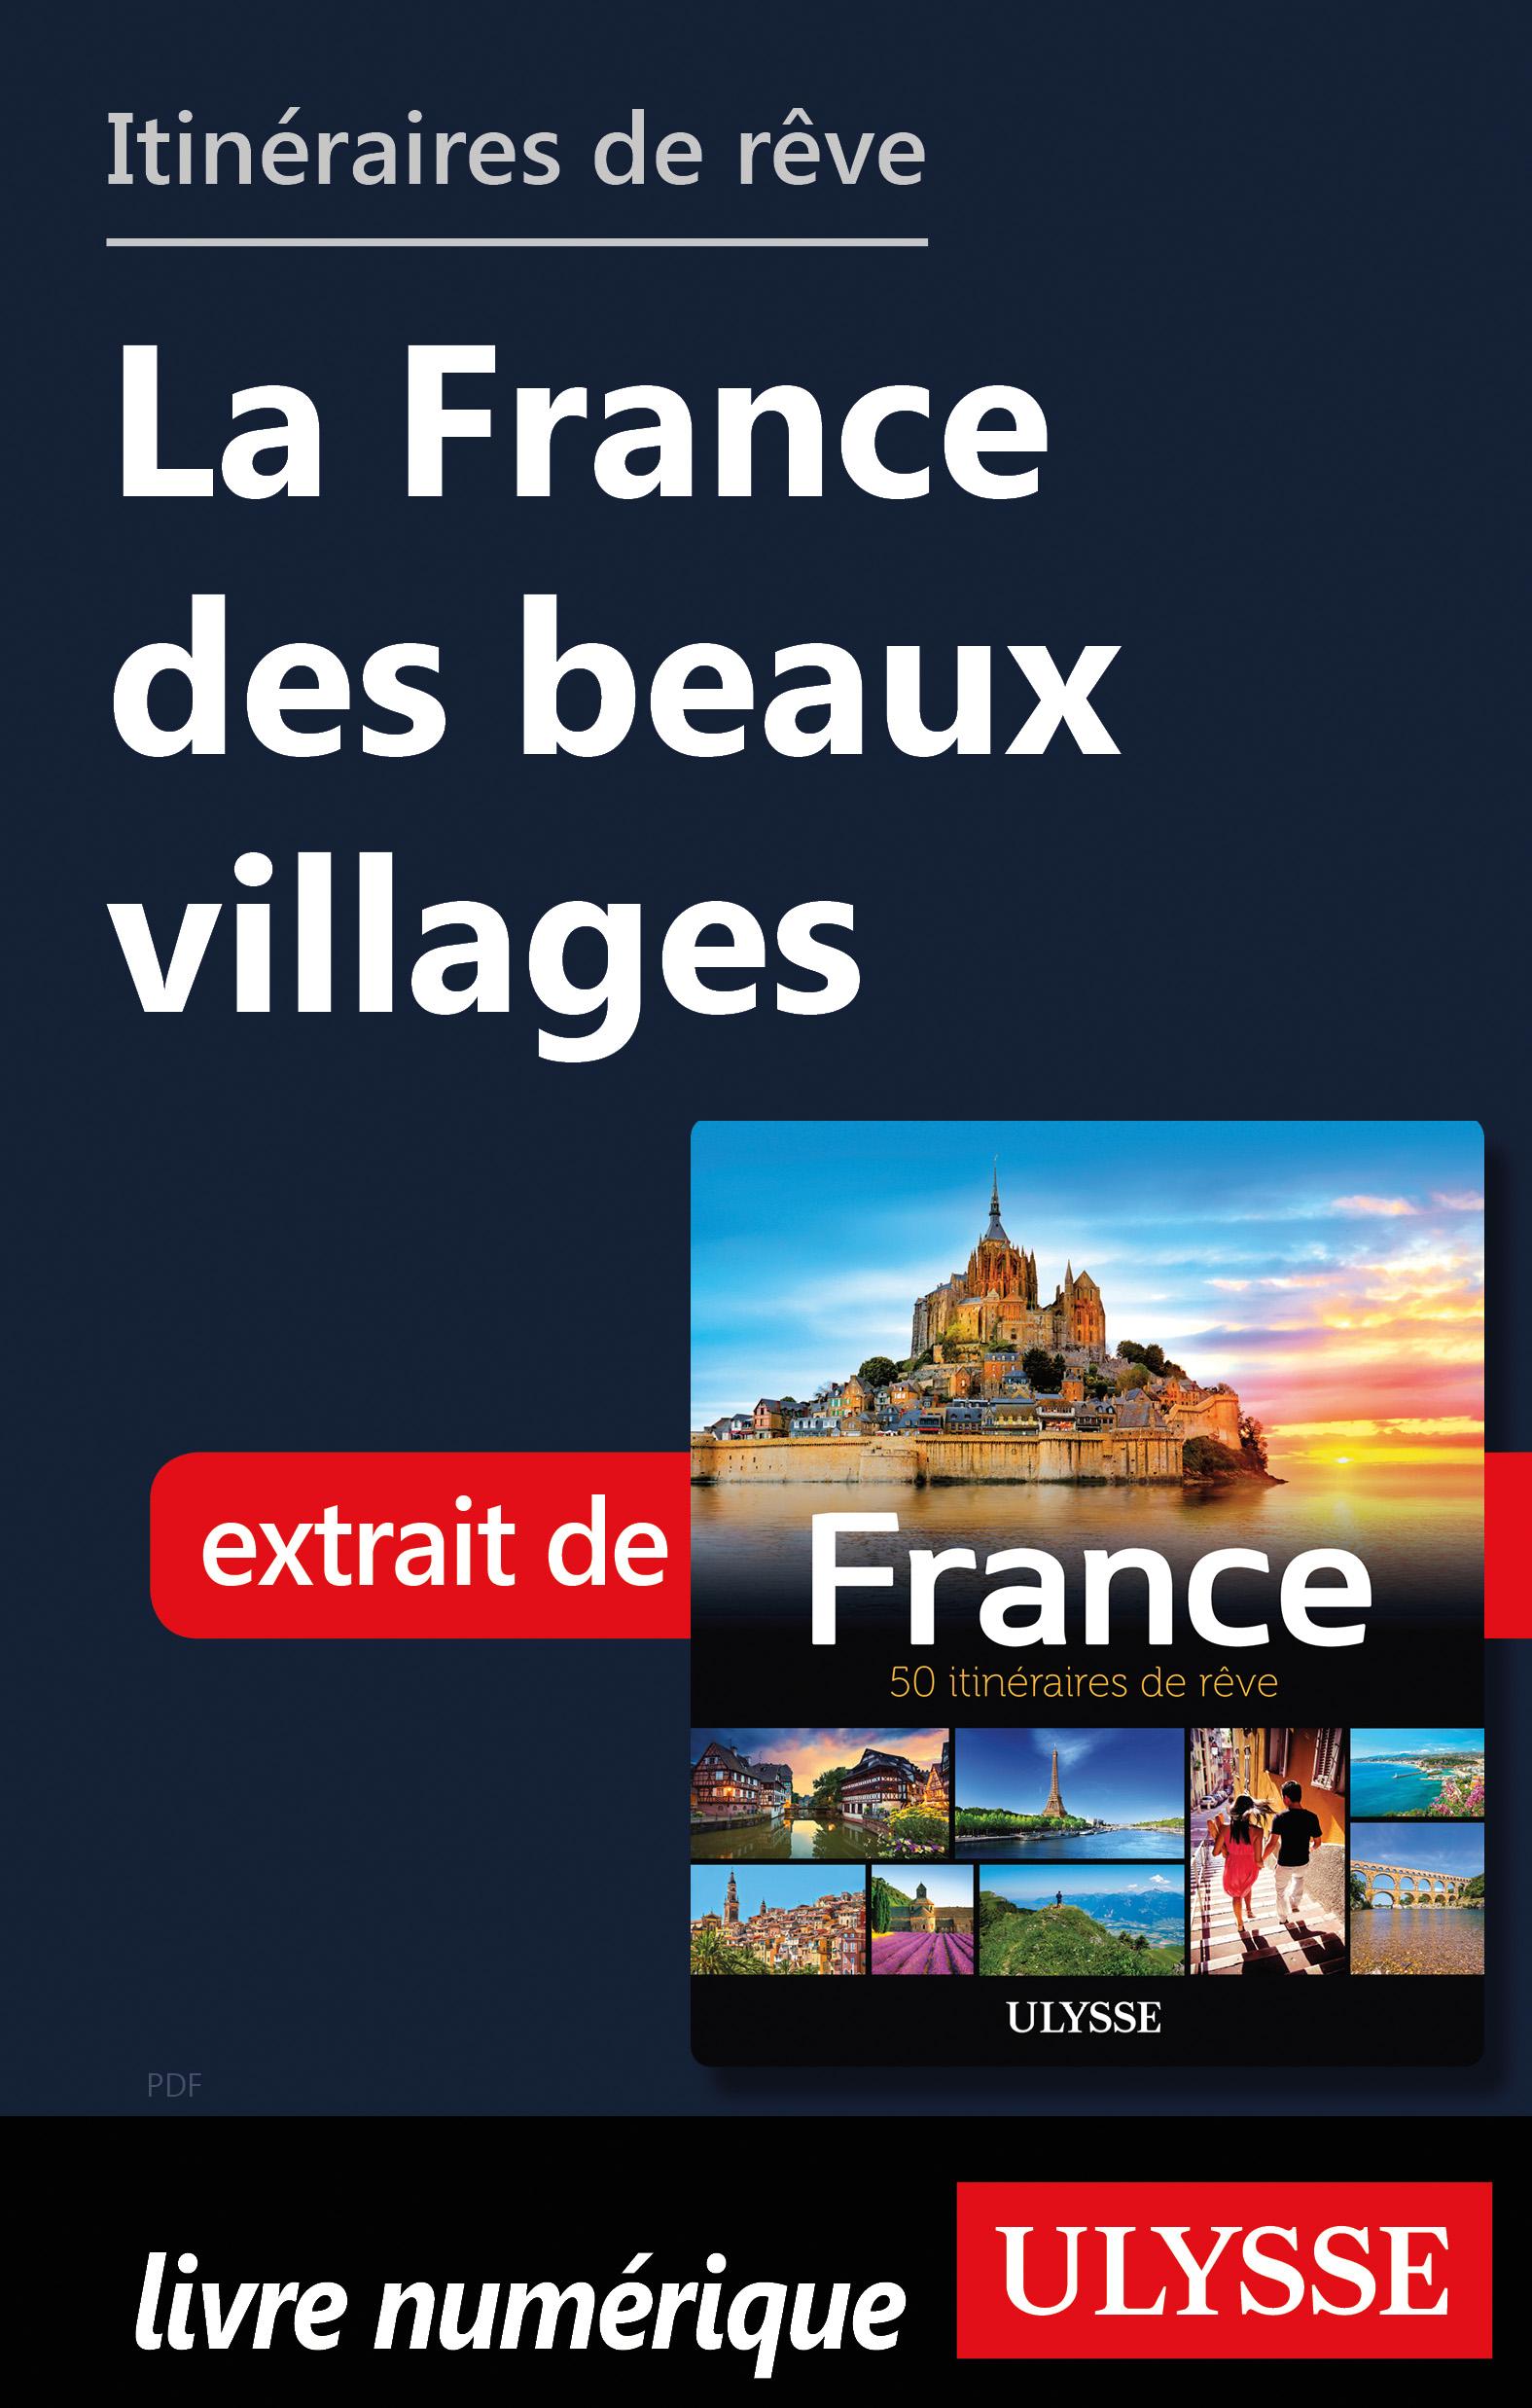 Itinéraires de rêve - La France des beaux villages